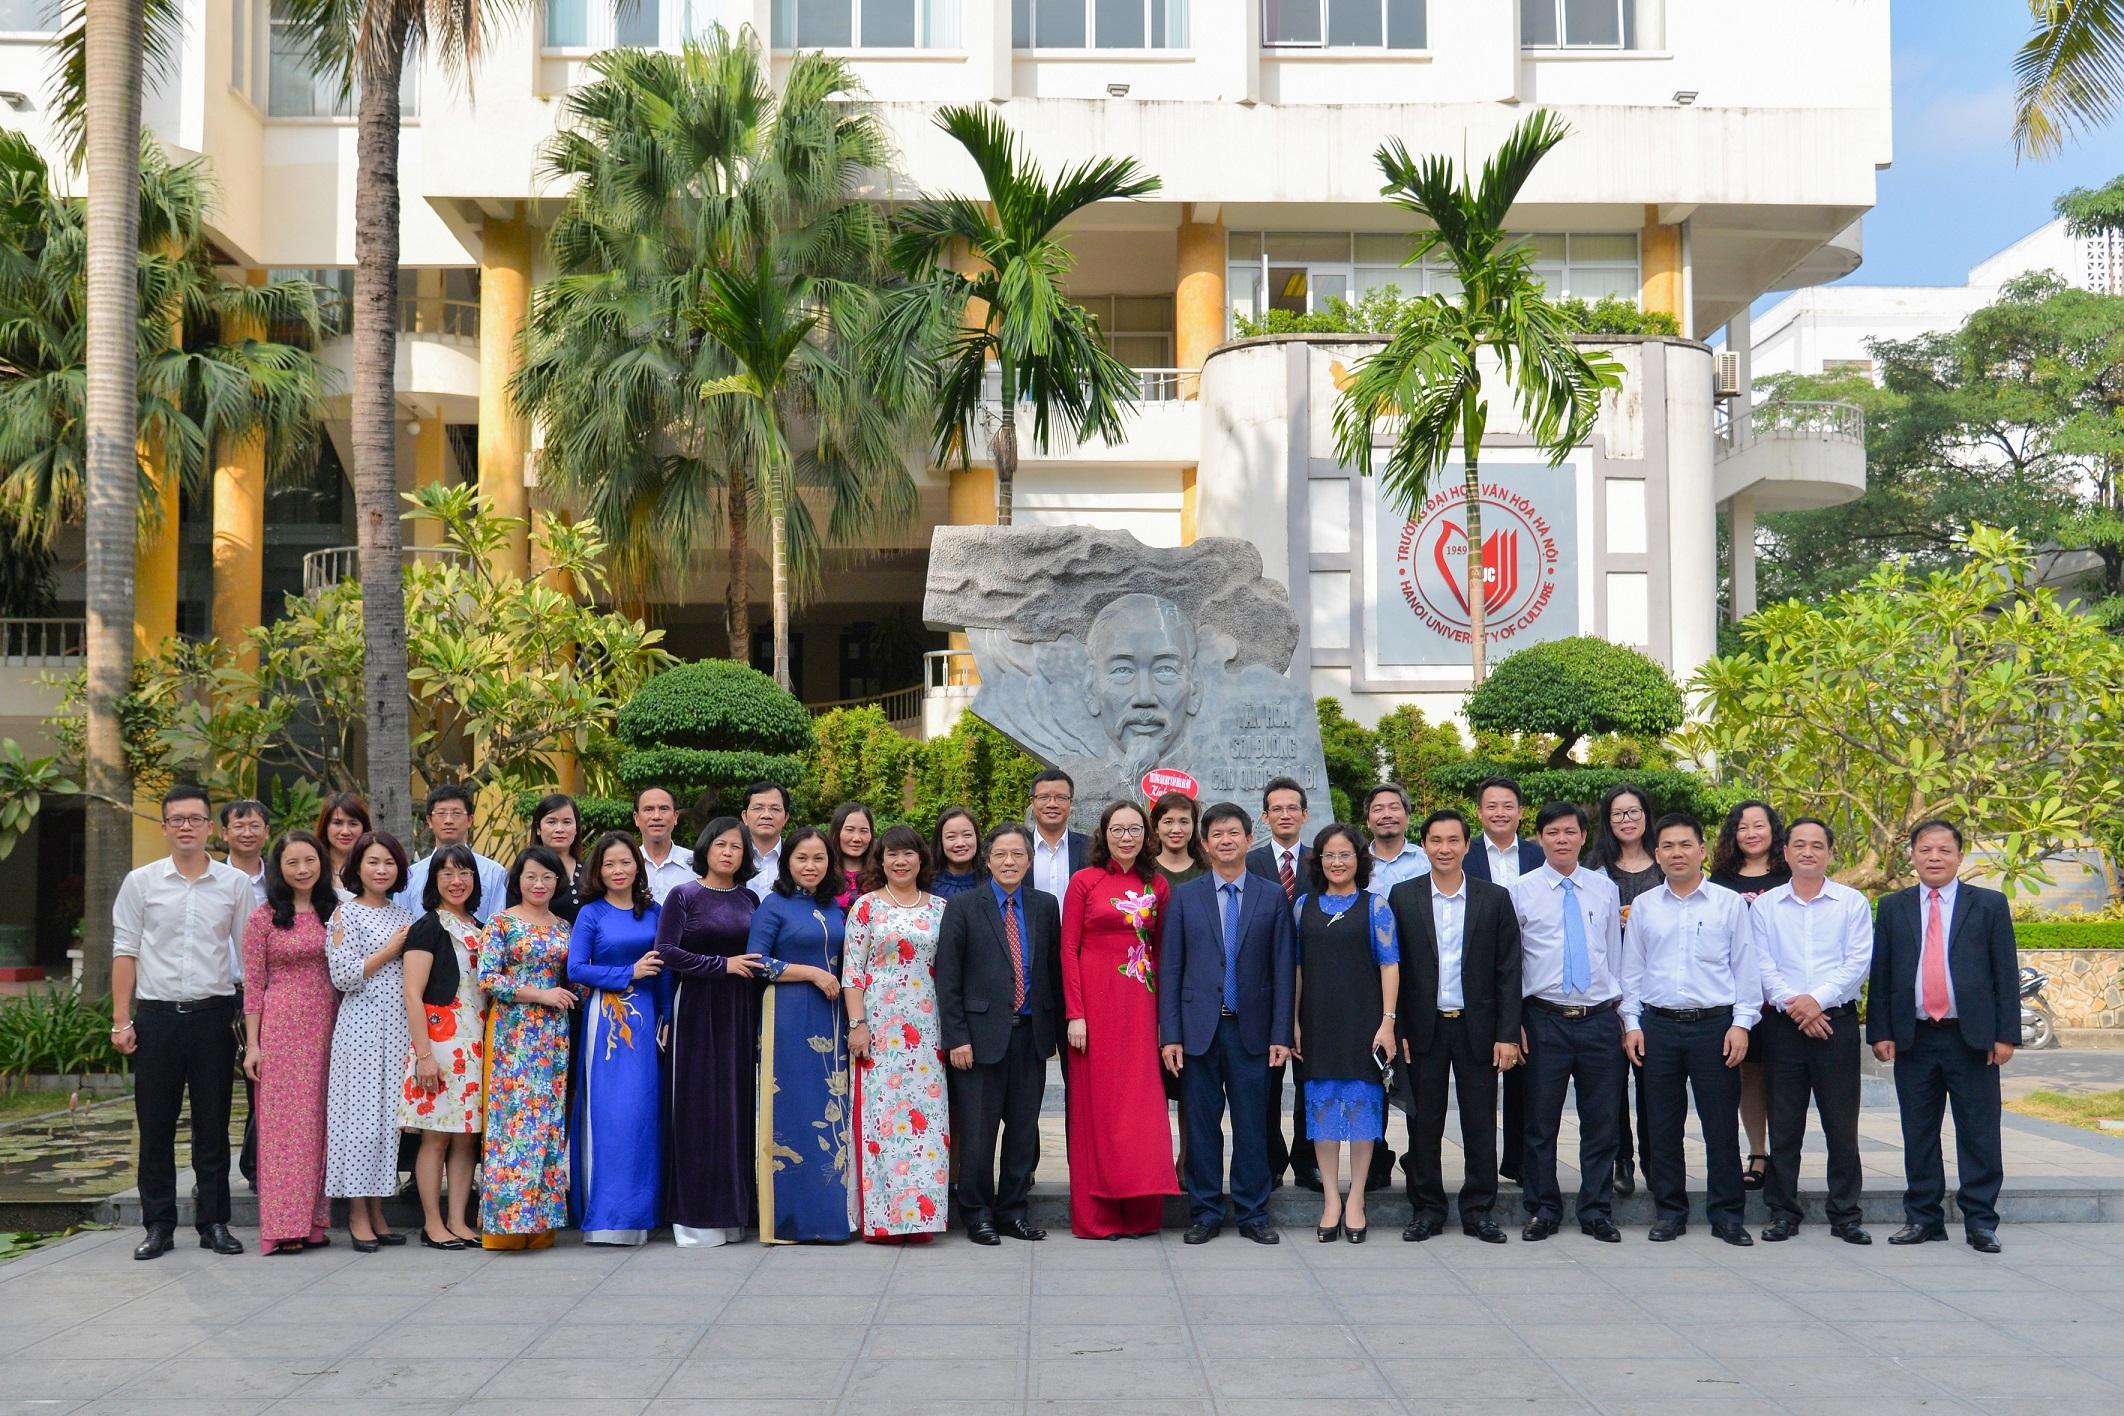 Thứ trưởng Bộ VHTTDL Lê Quang Tùng chúc mừng Trường Đại học Văn hóa Hà Nội nhân ngày 20/11